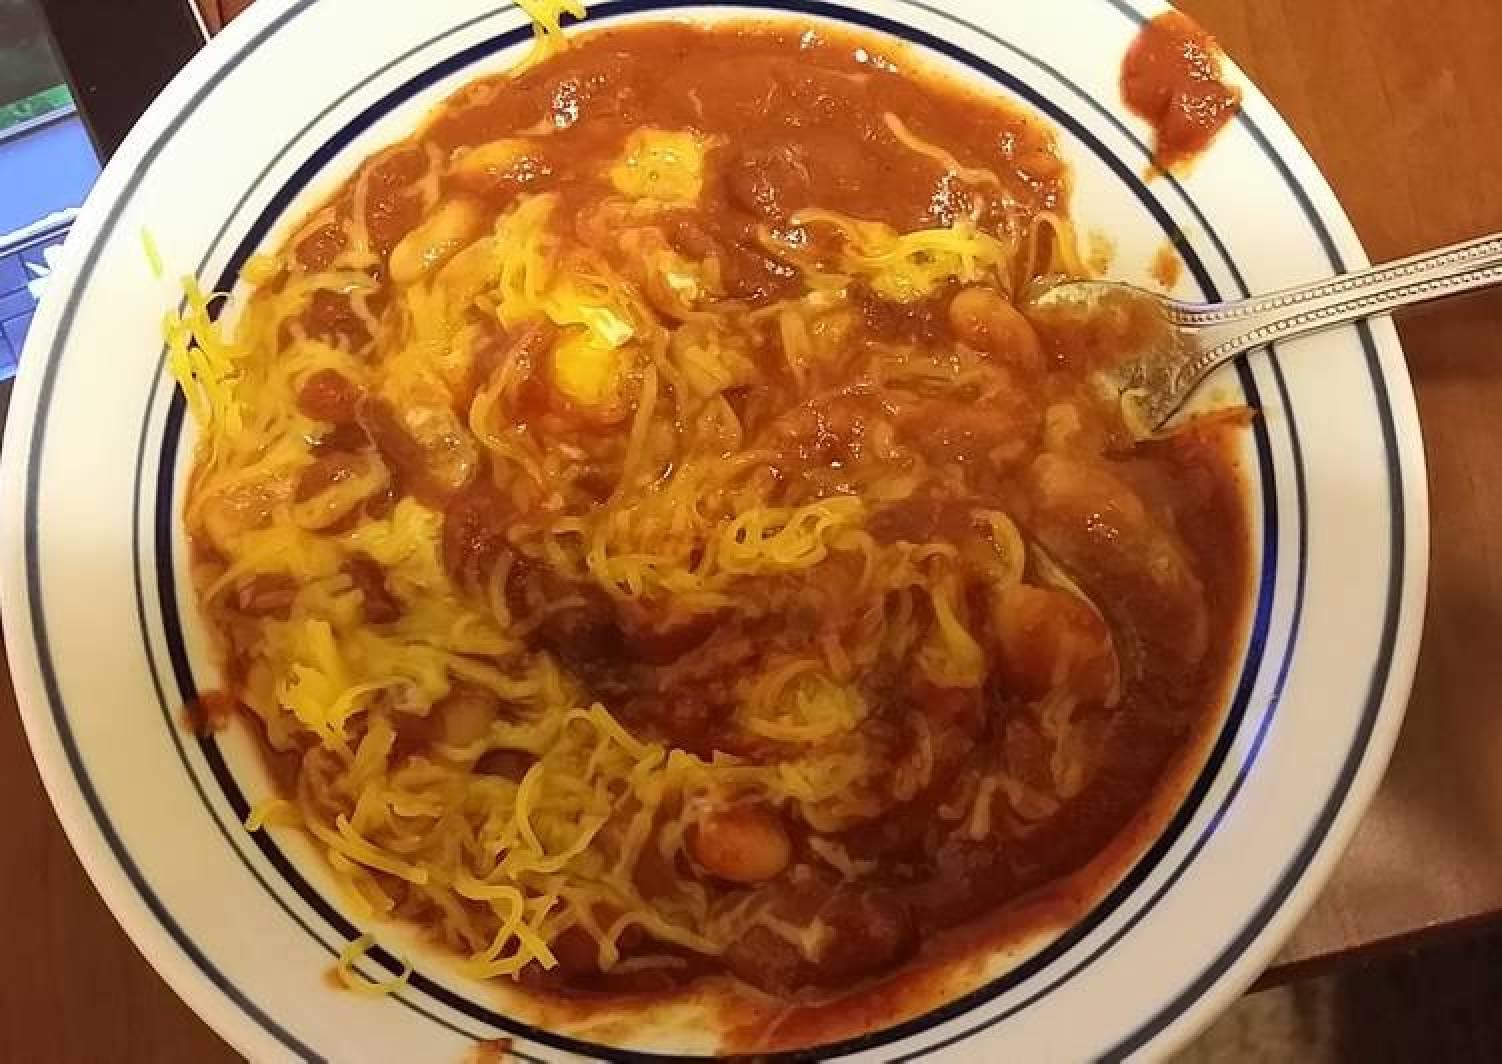 Taisen's 5 bean chili